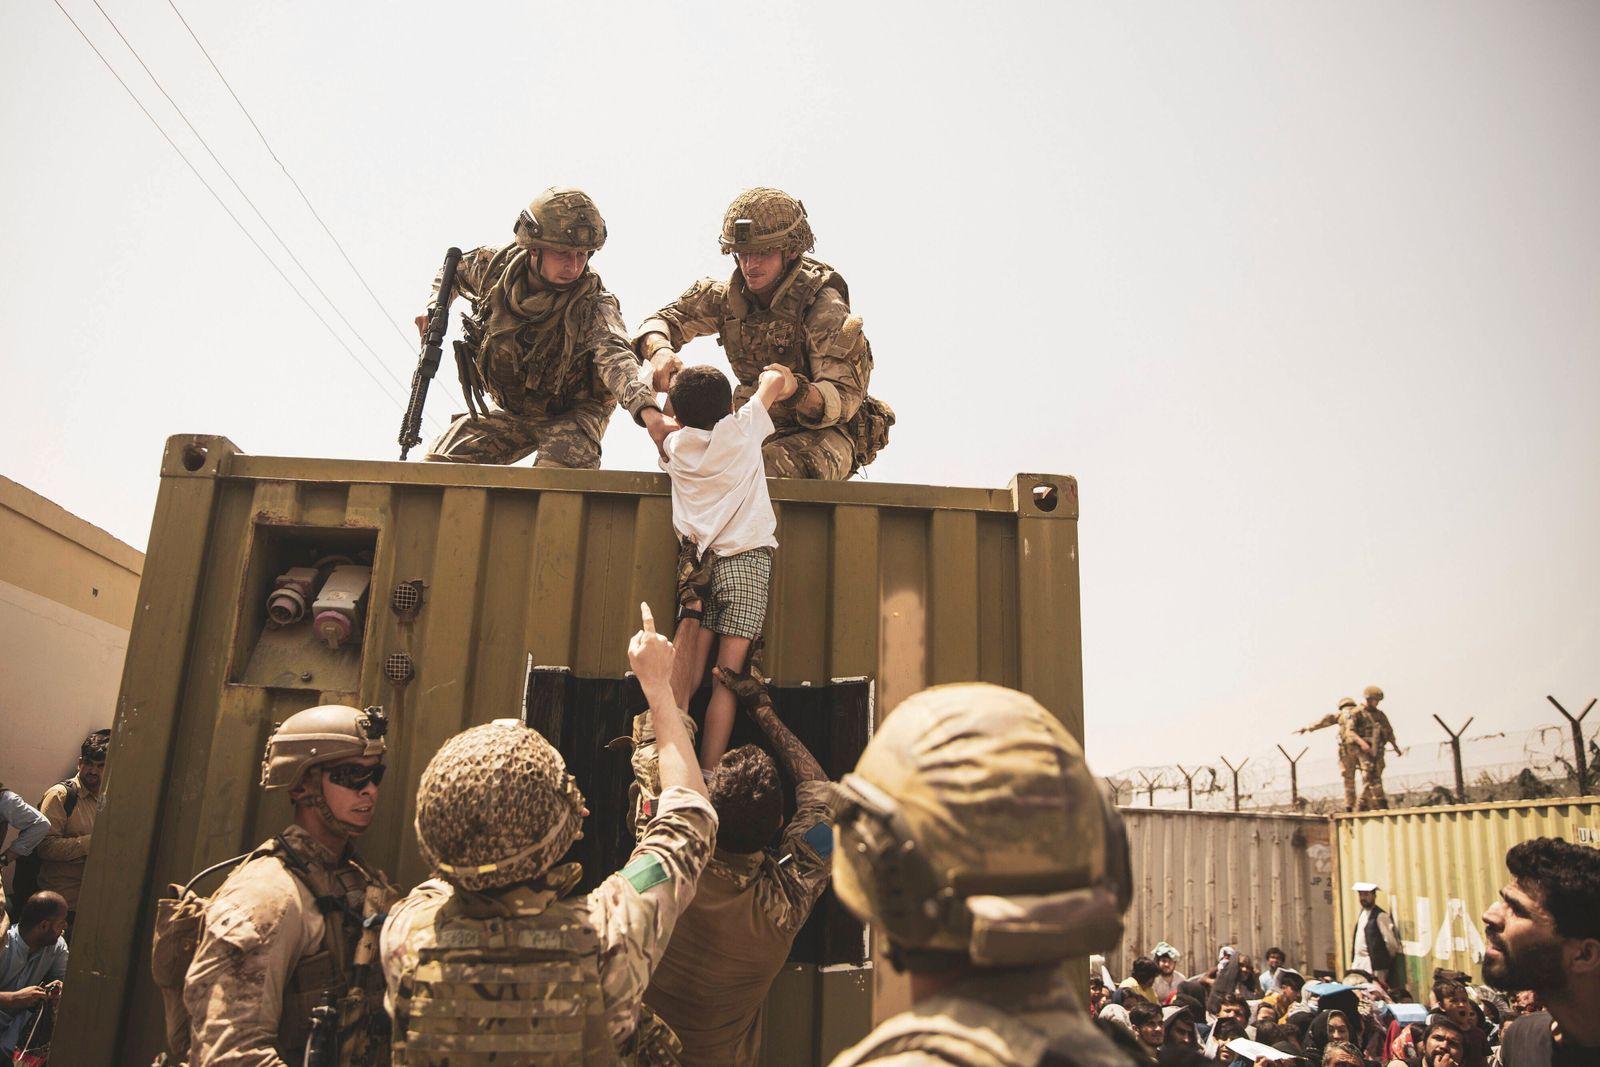 News Bilder des Tages Afghanistan, Evakuierungen am Flughafen in Kabul UK coalition forces, Turkish coalition forces, an